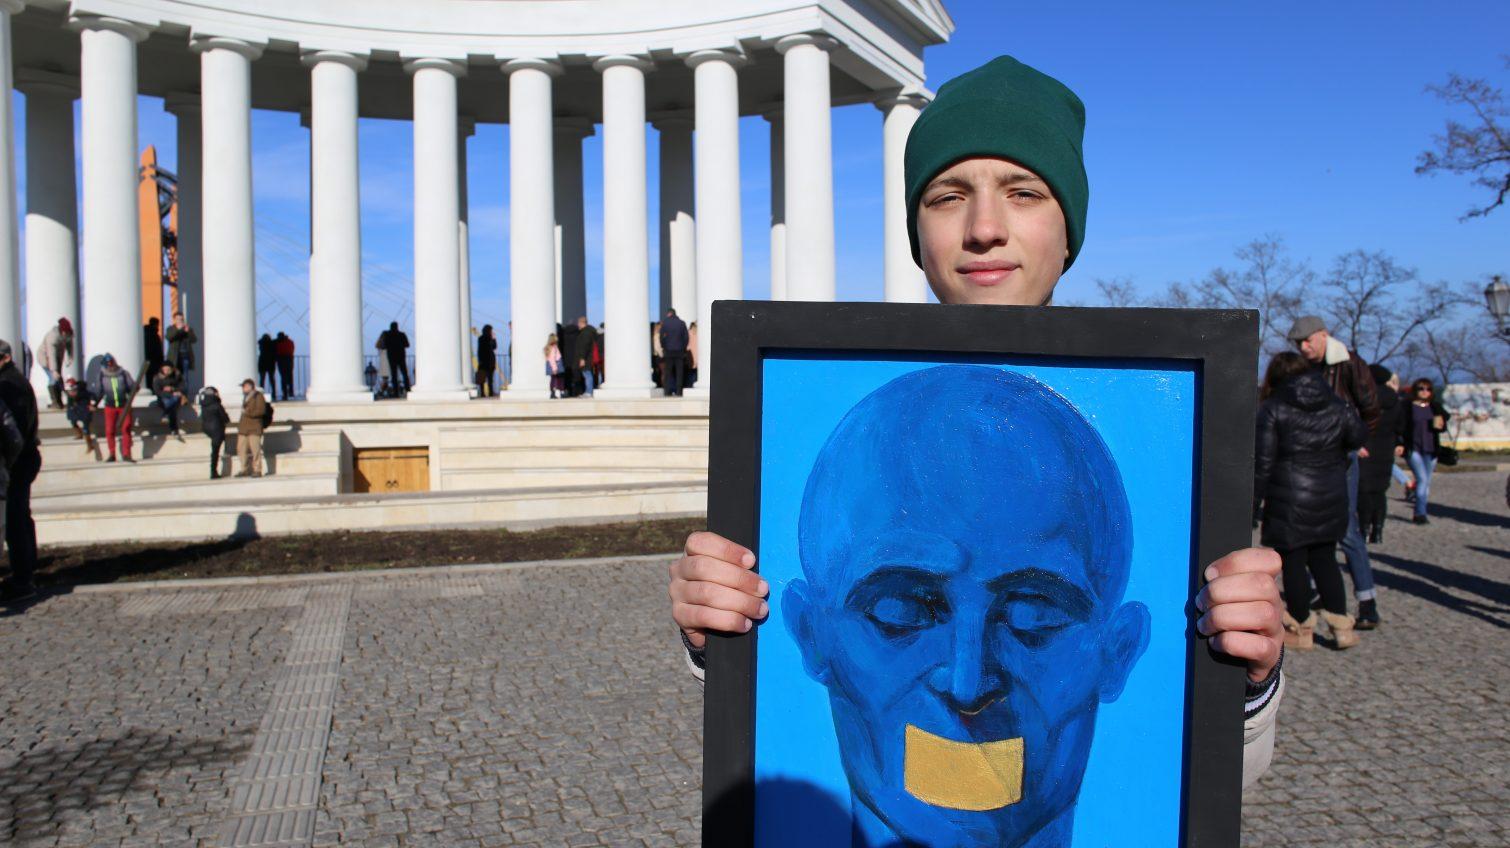 Одесские художники бесплатно раздавали свои картины: в очередь выстроились более 200 человек (фоторепортаж) «фото»